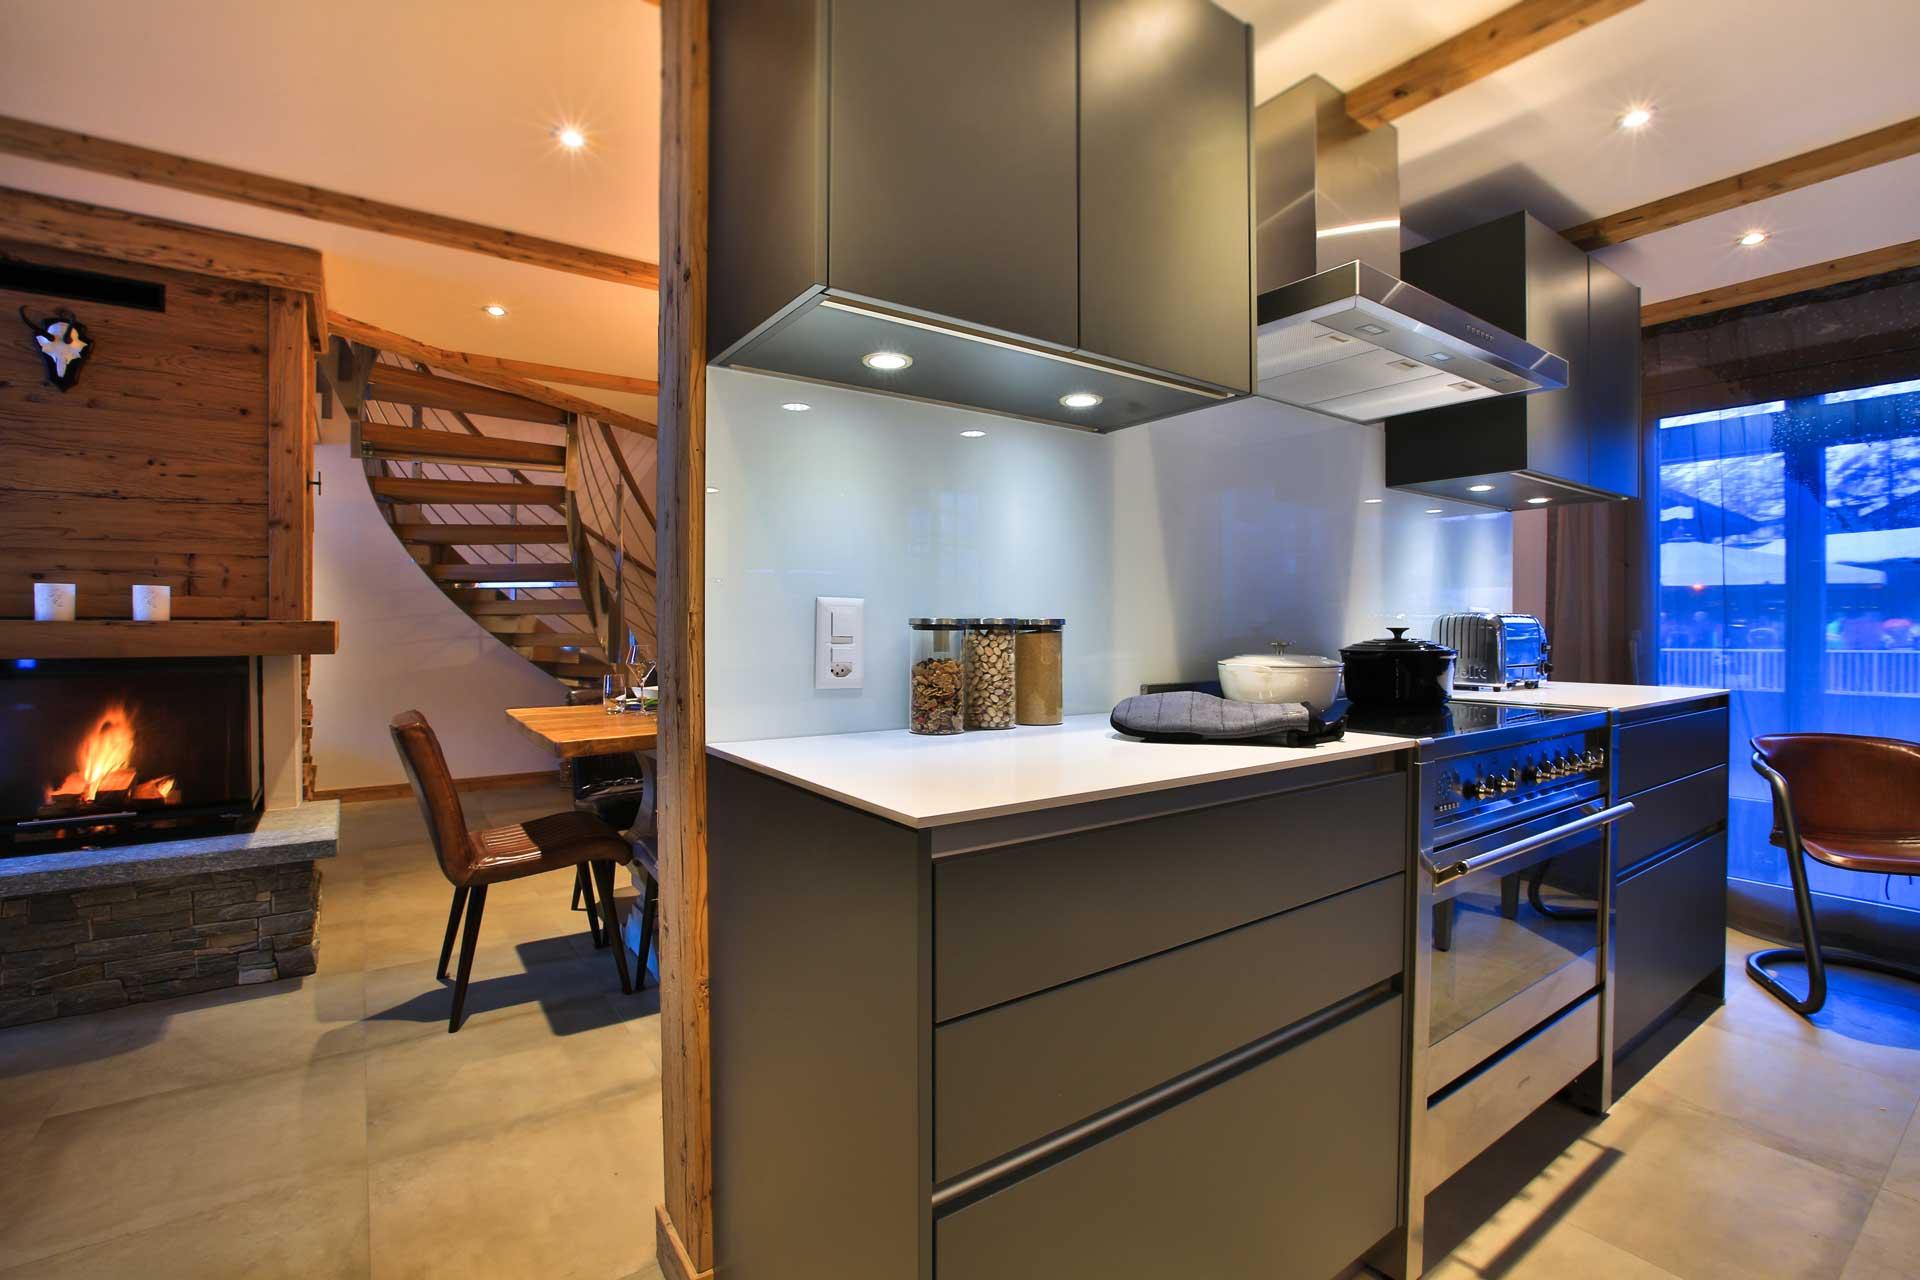 Luxus Appartement Chalet Khione Saas-Fee - Küche